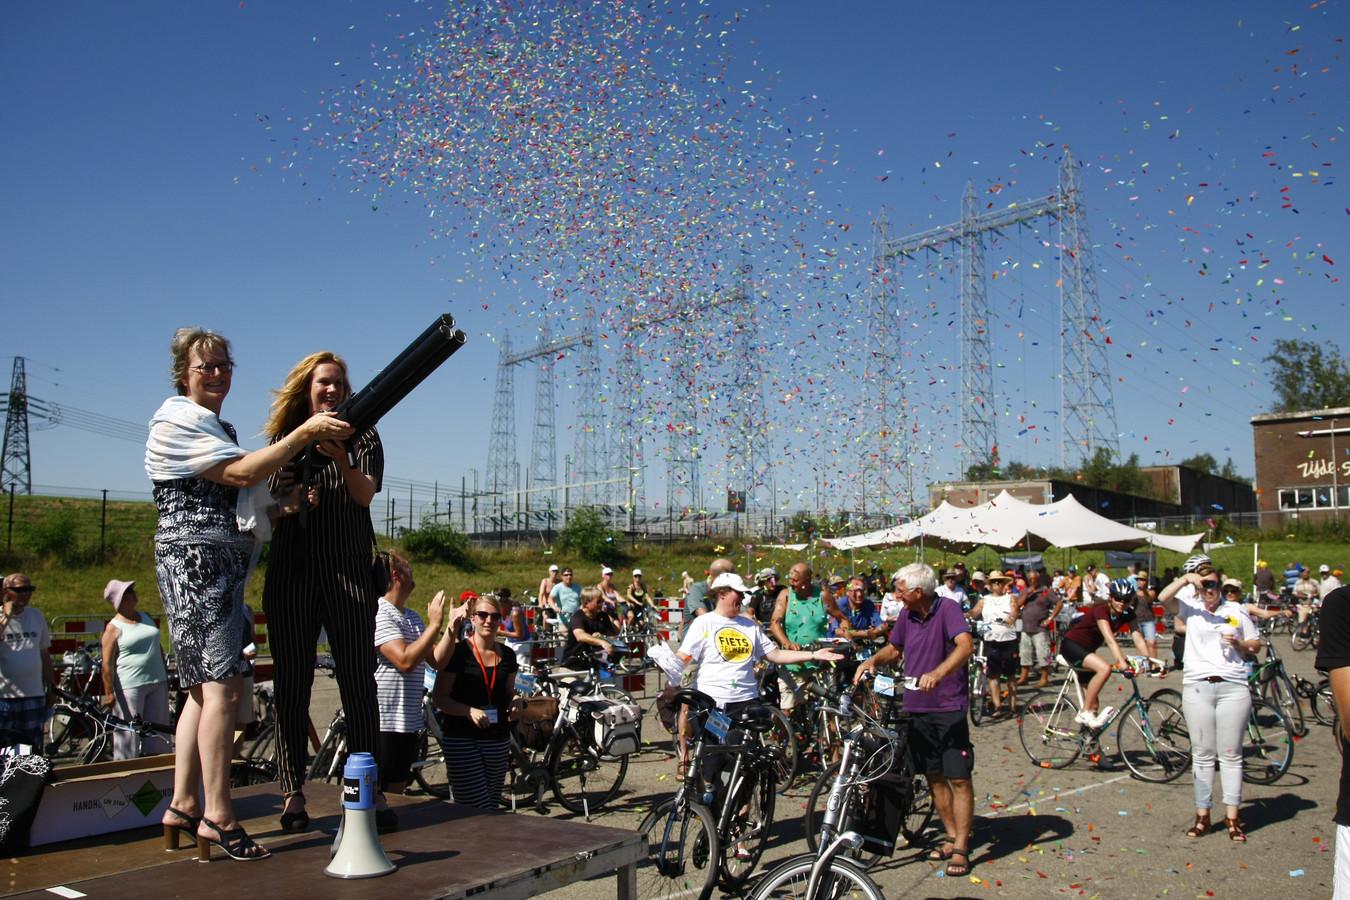 De start van de Nijmeegse Fiets4daagse bij de Vasim in Nijmegen.